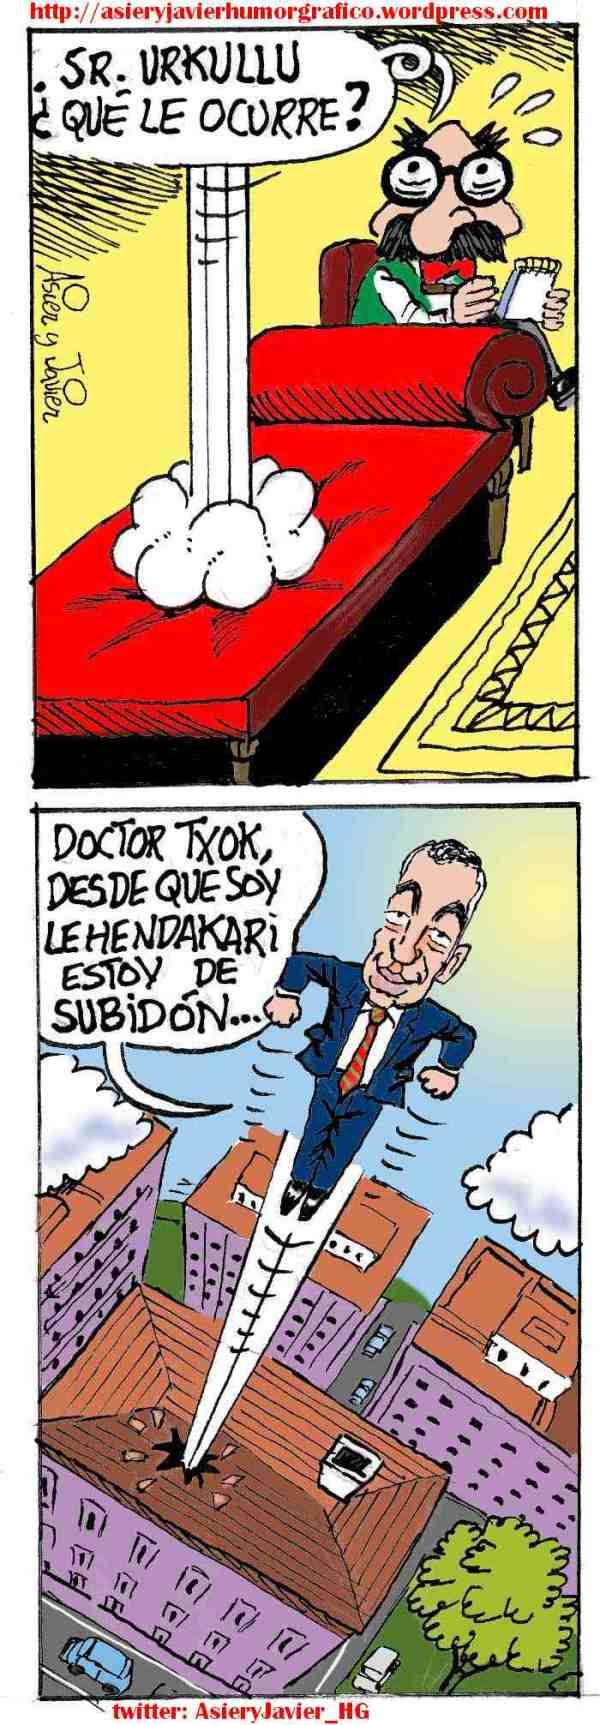 El Dr. Txok